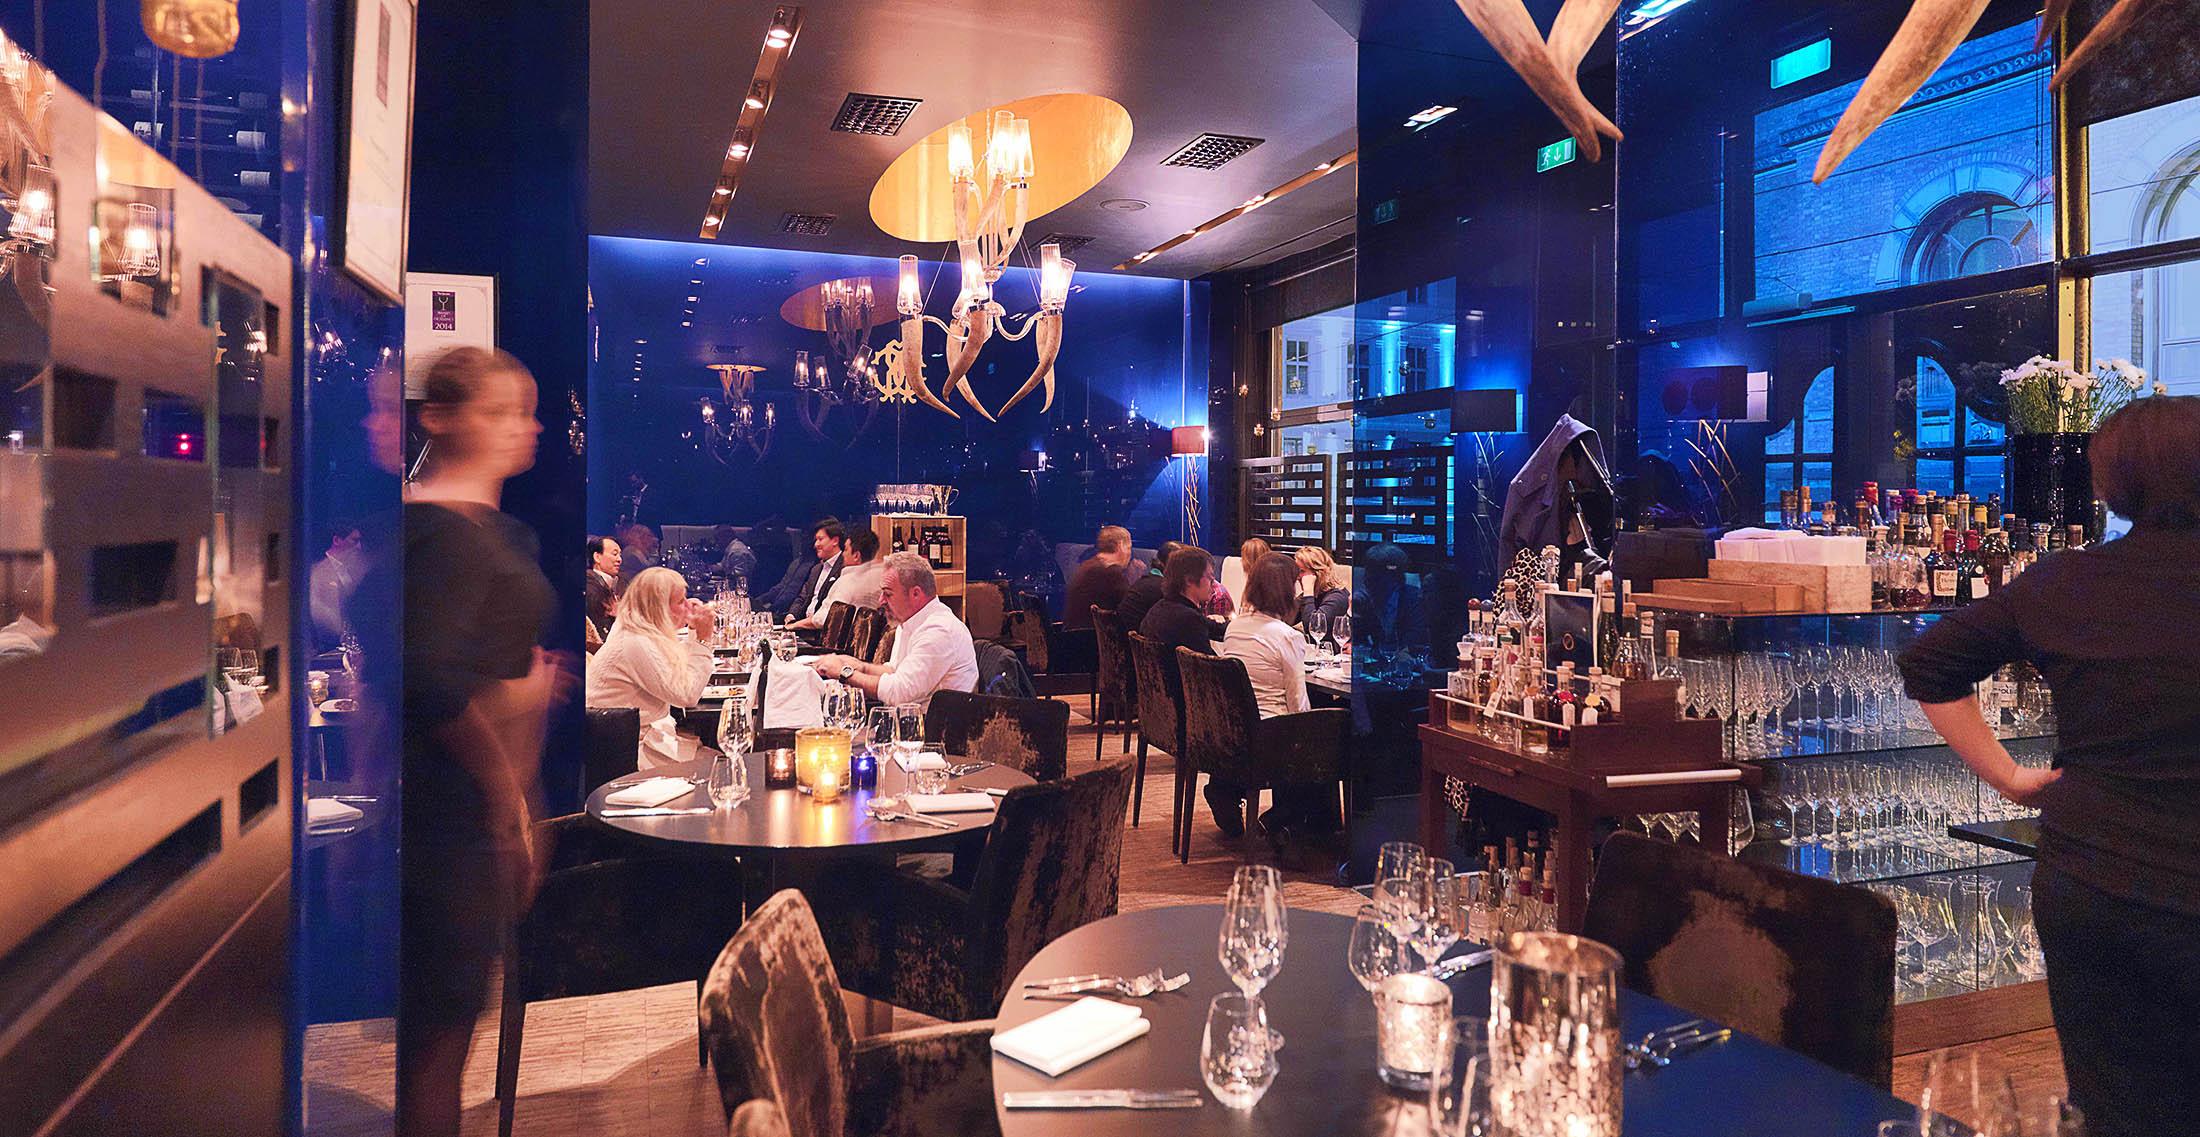 romantiske restauranter oslo tinder i norge